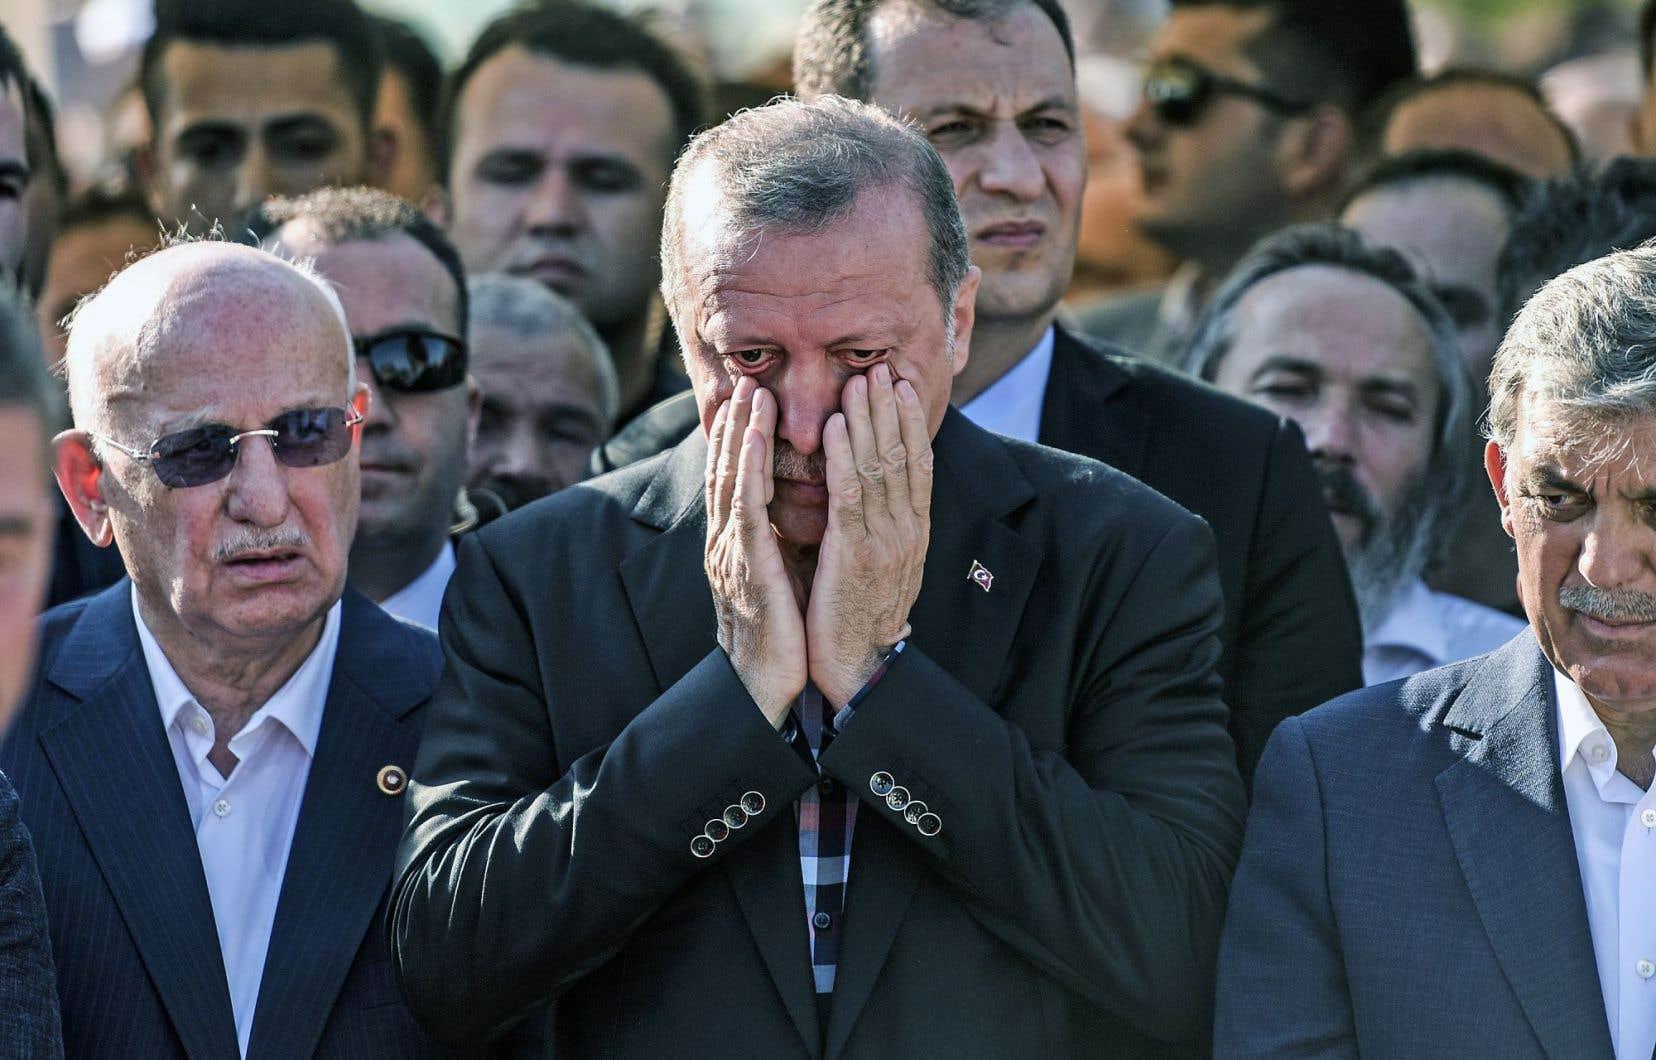 La mort d'un de ses compagnons de route, tué avec son fils adolescent par des putschistes, a arraché quelques larmes au président turc, Recep Tayyip Erdogan, lors des funérailles des victimes loyalistes.